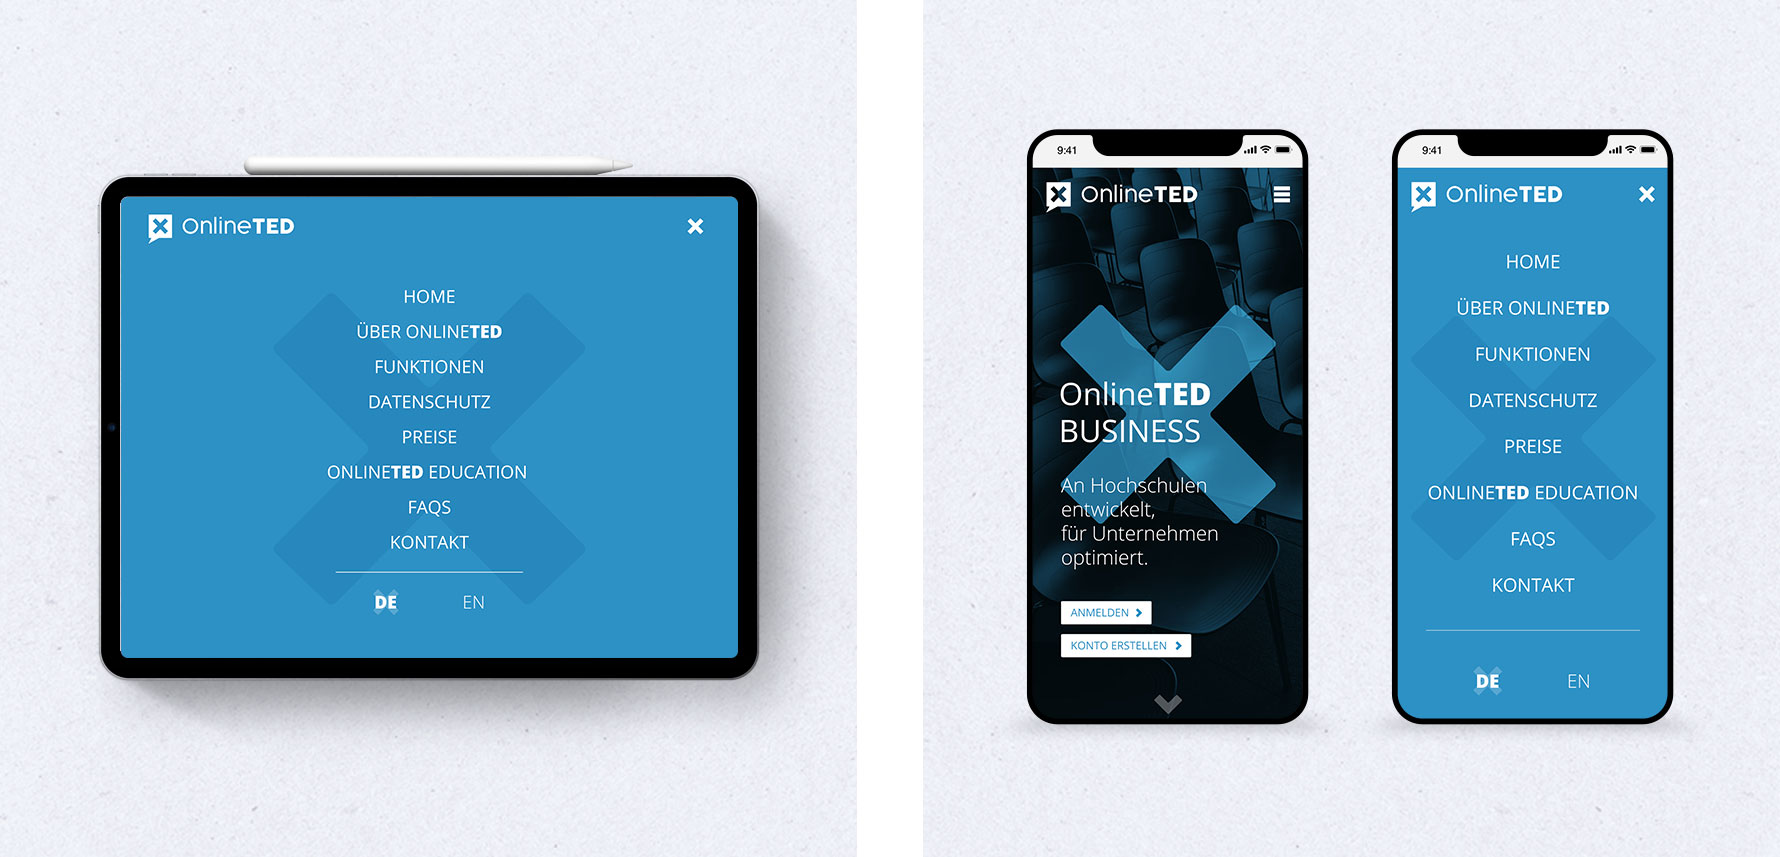 Hüfner Design   Referenz OnlineTED   Webdesign